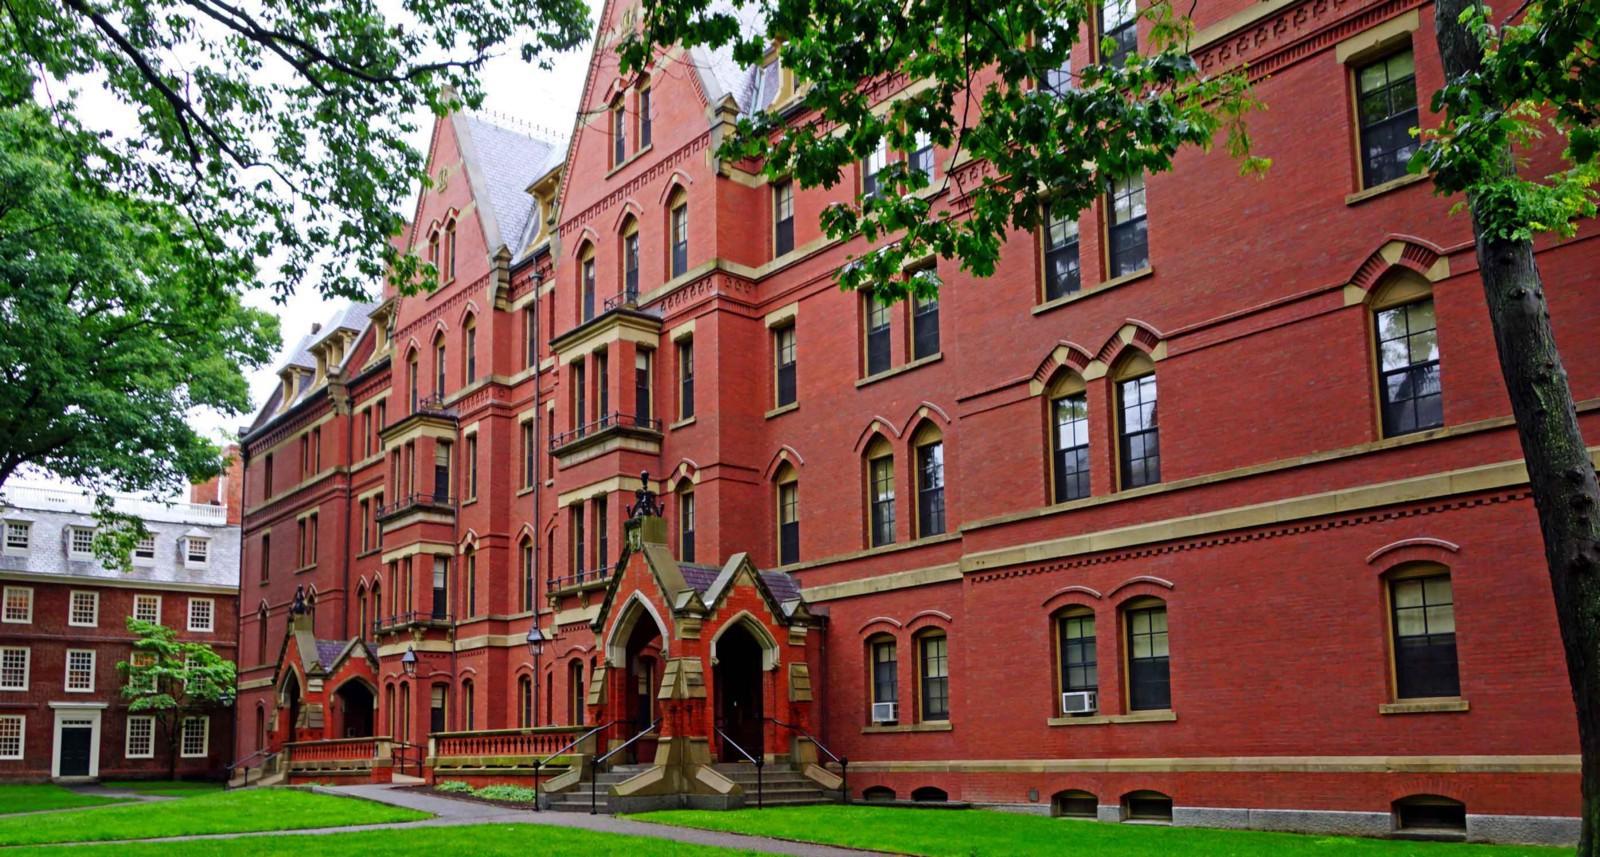 Những niềm tự hào mang tên Harvard - Ngôi trường mơ ước của hàng triệu sinh viên thế giới - Ảnh 8.